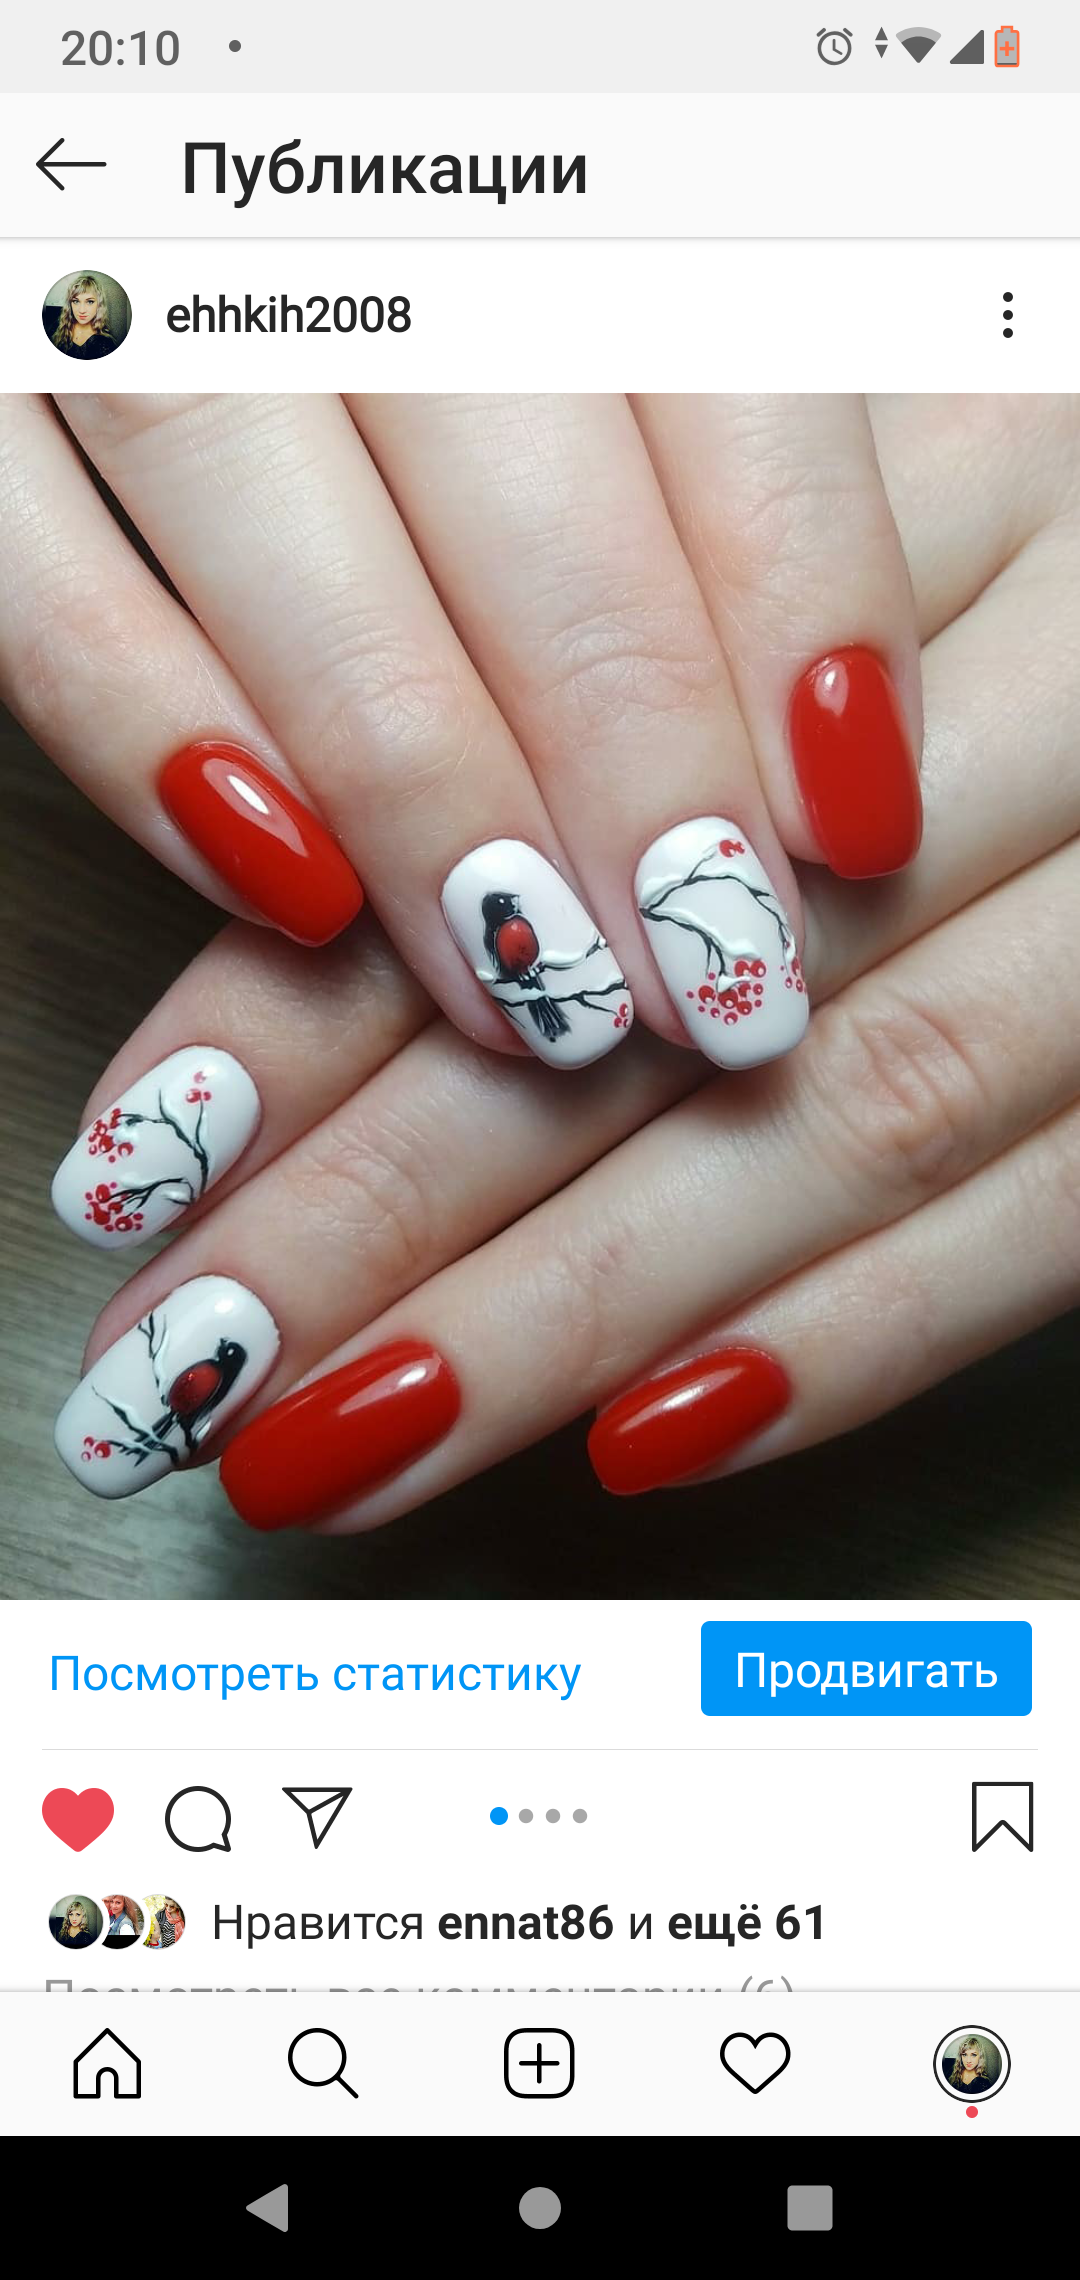 Зимний маникюр со снегирями в красном цвете на короткие ногти.